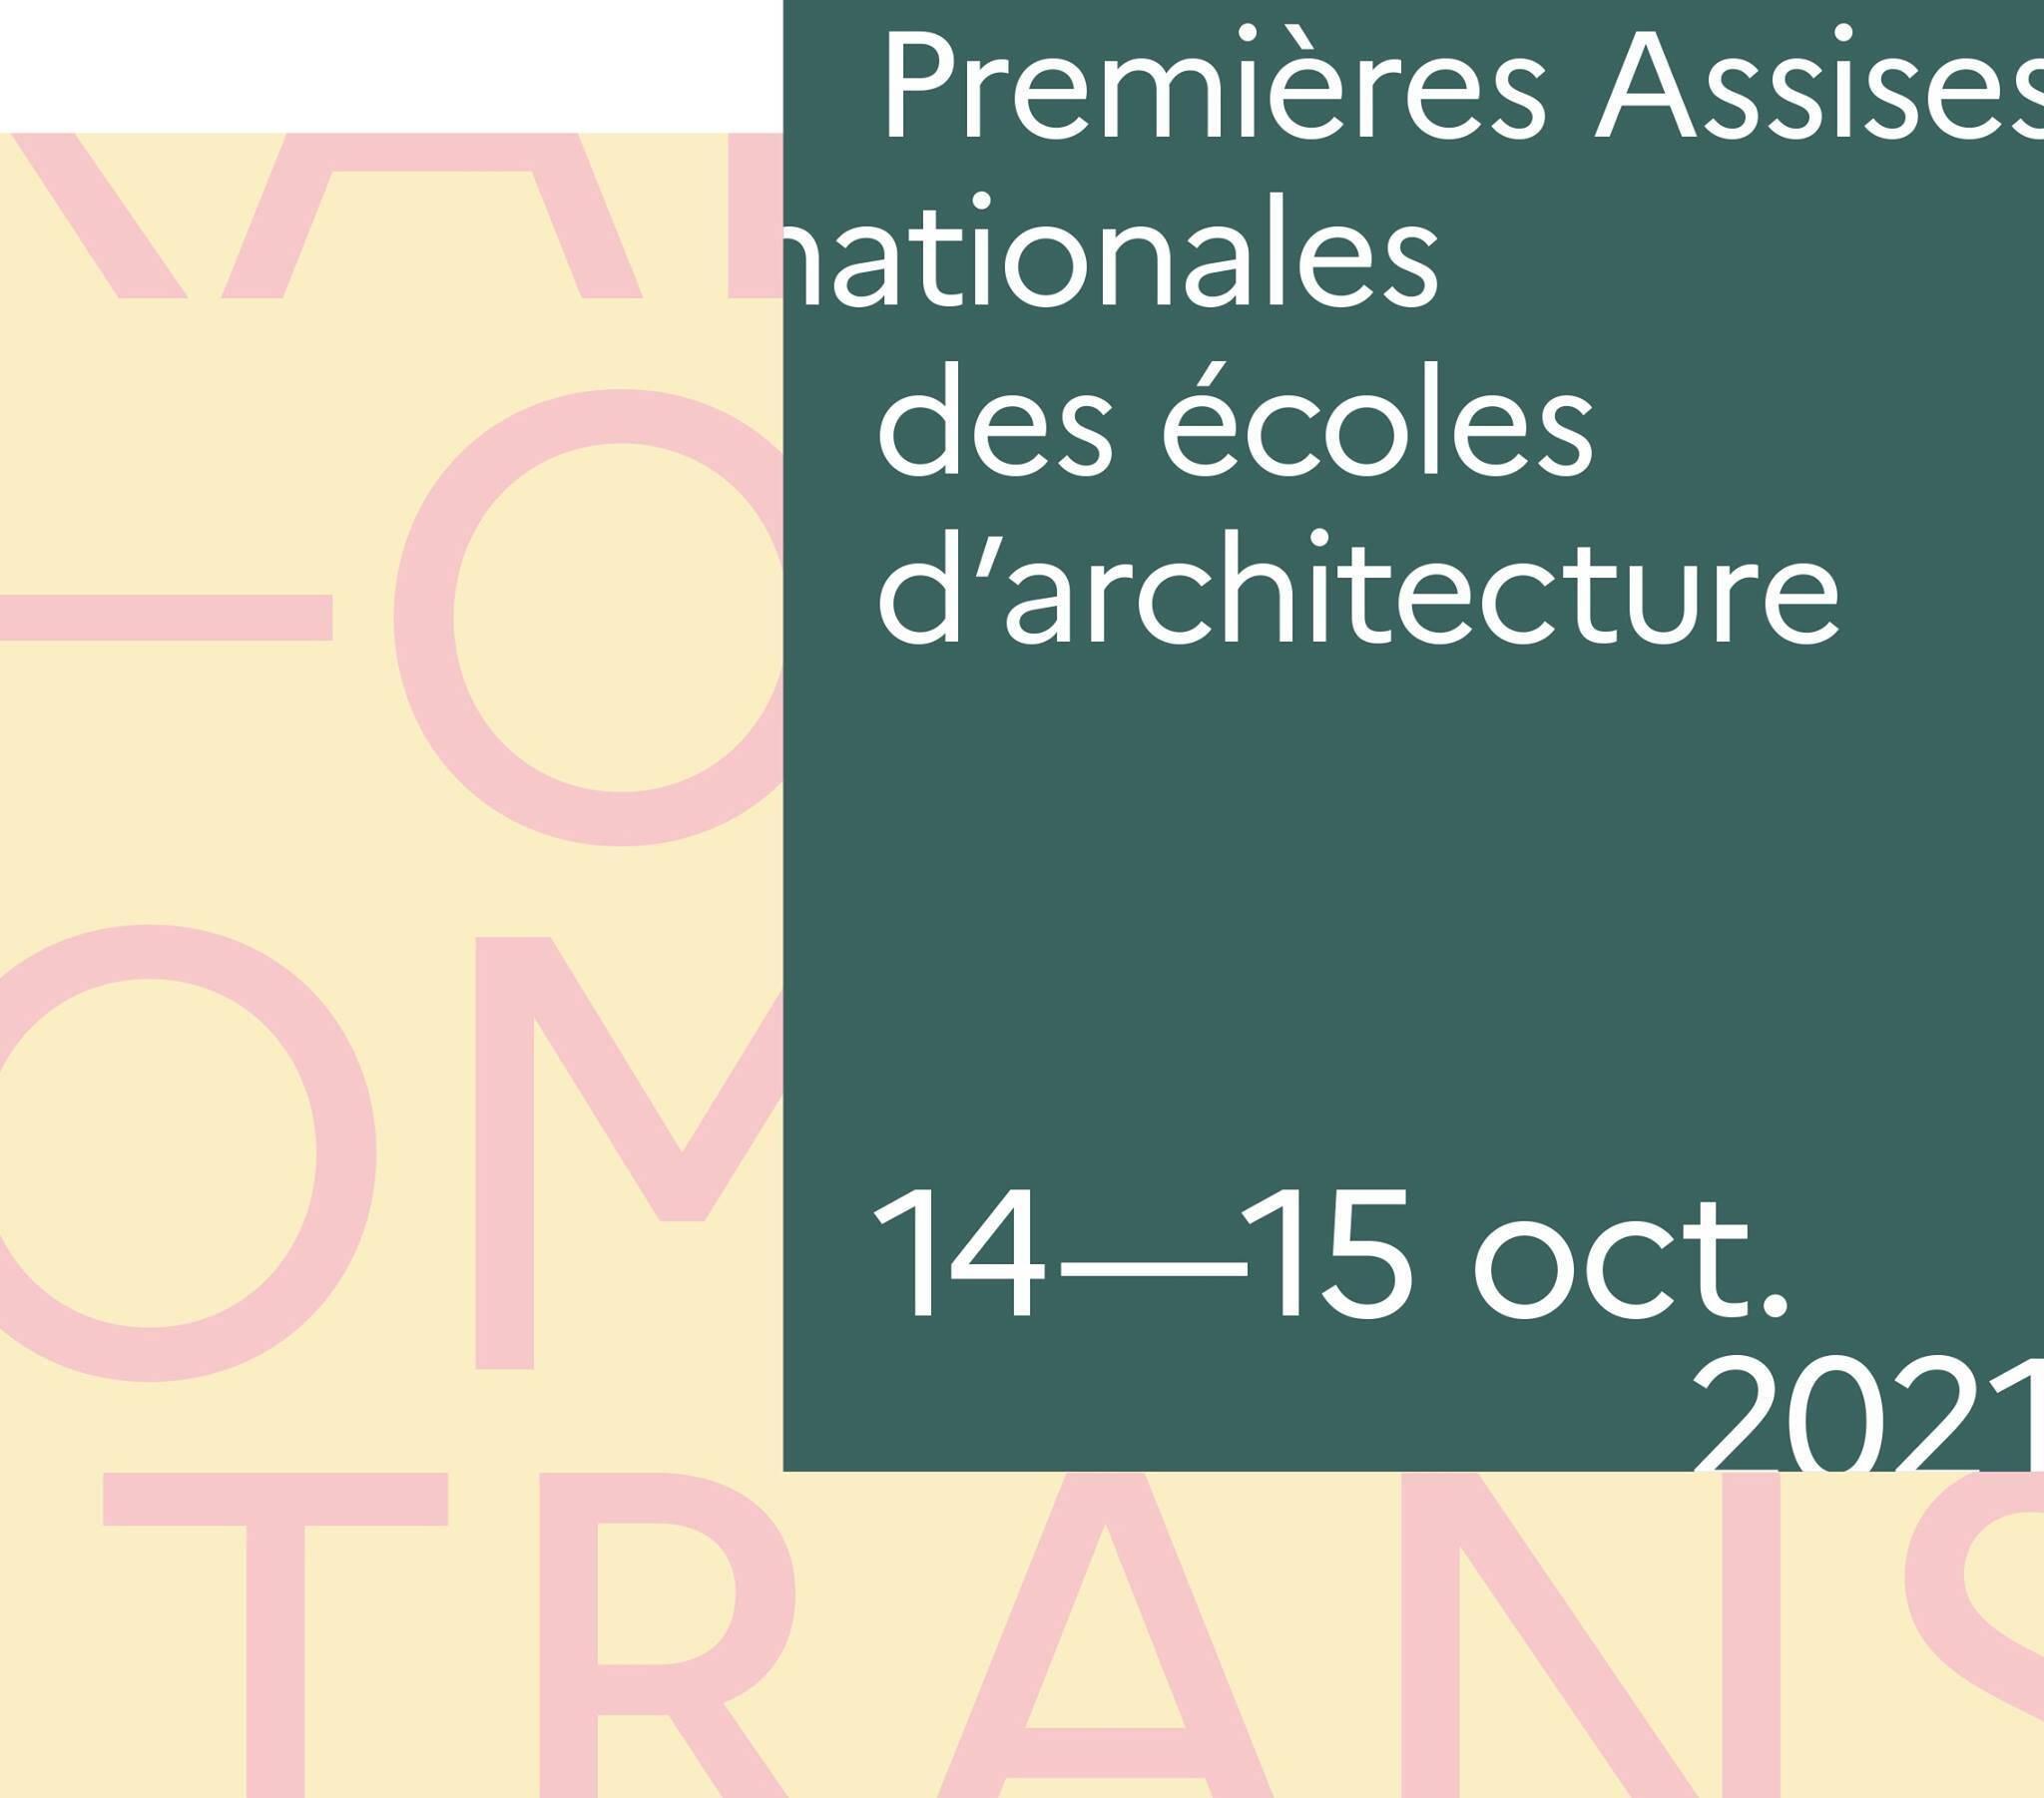 Premières Assises  nationales des écoles d'architecture (2021)